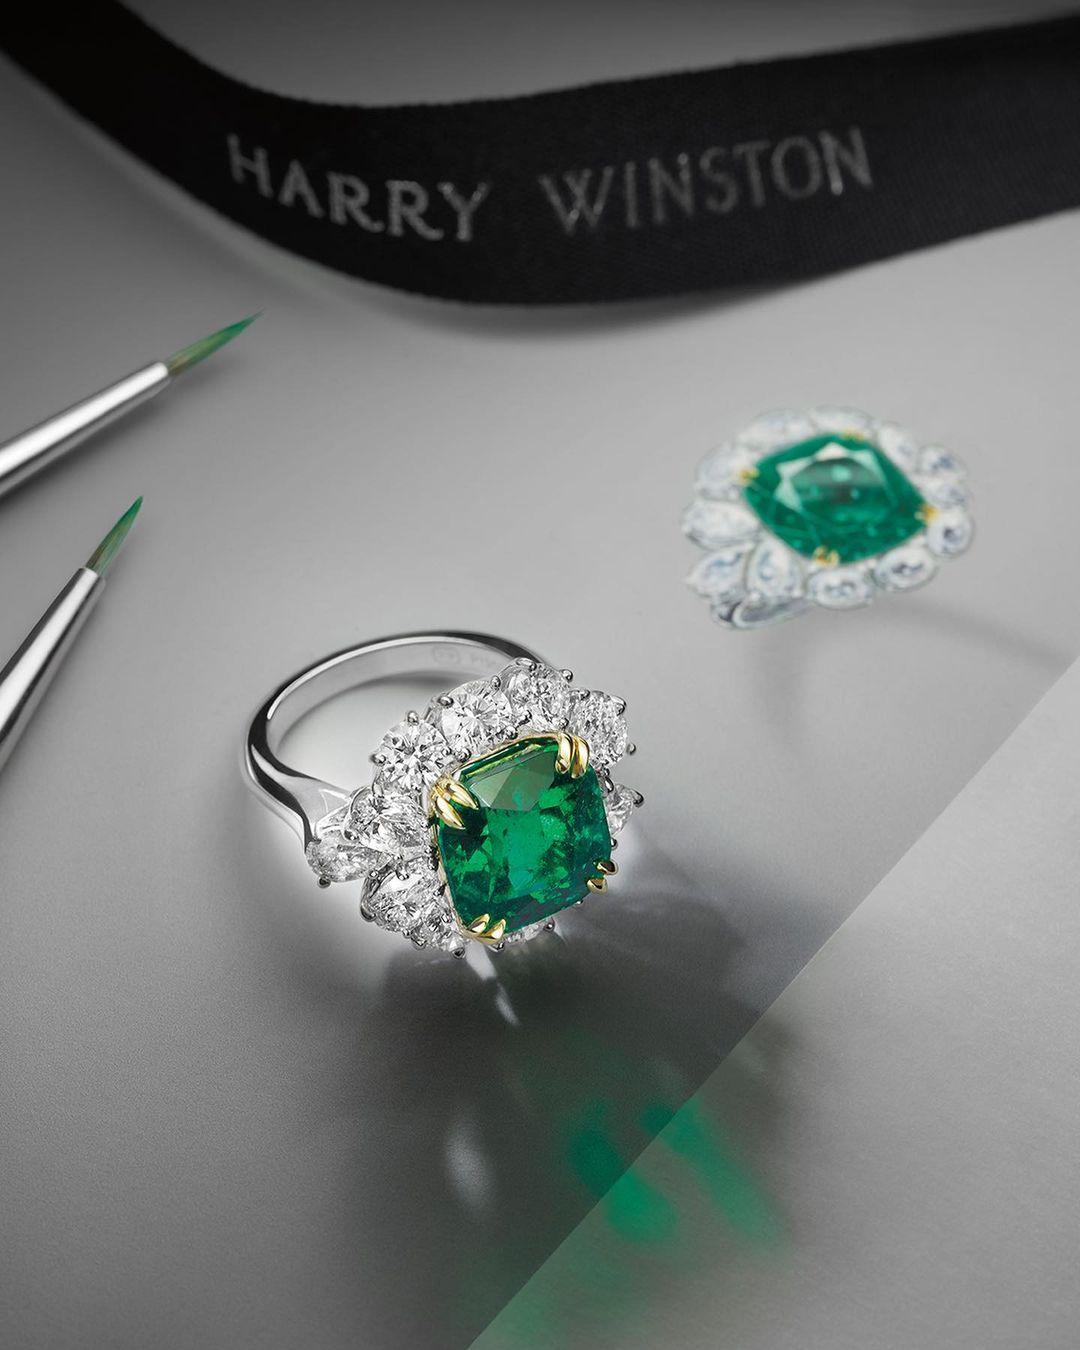 Joyería Harry Winston